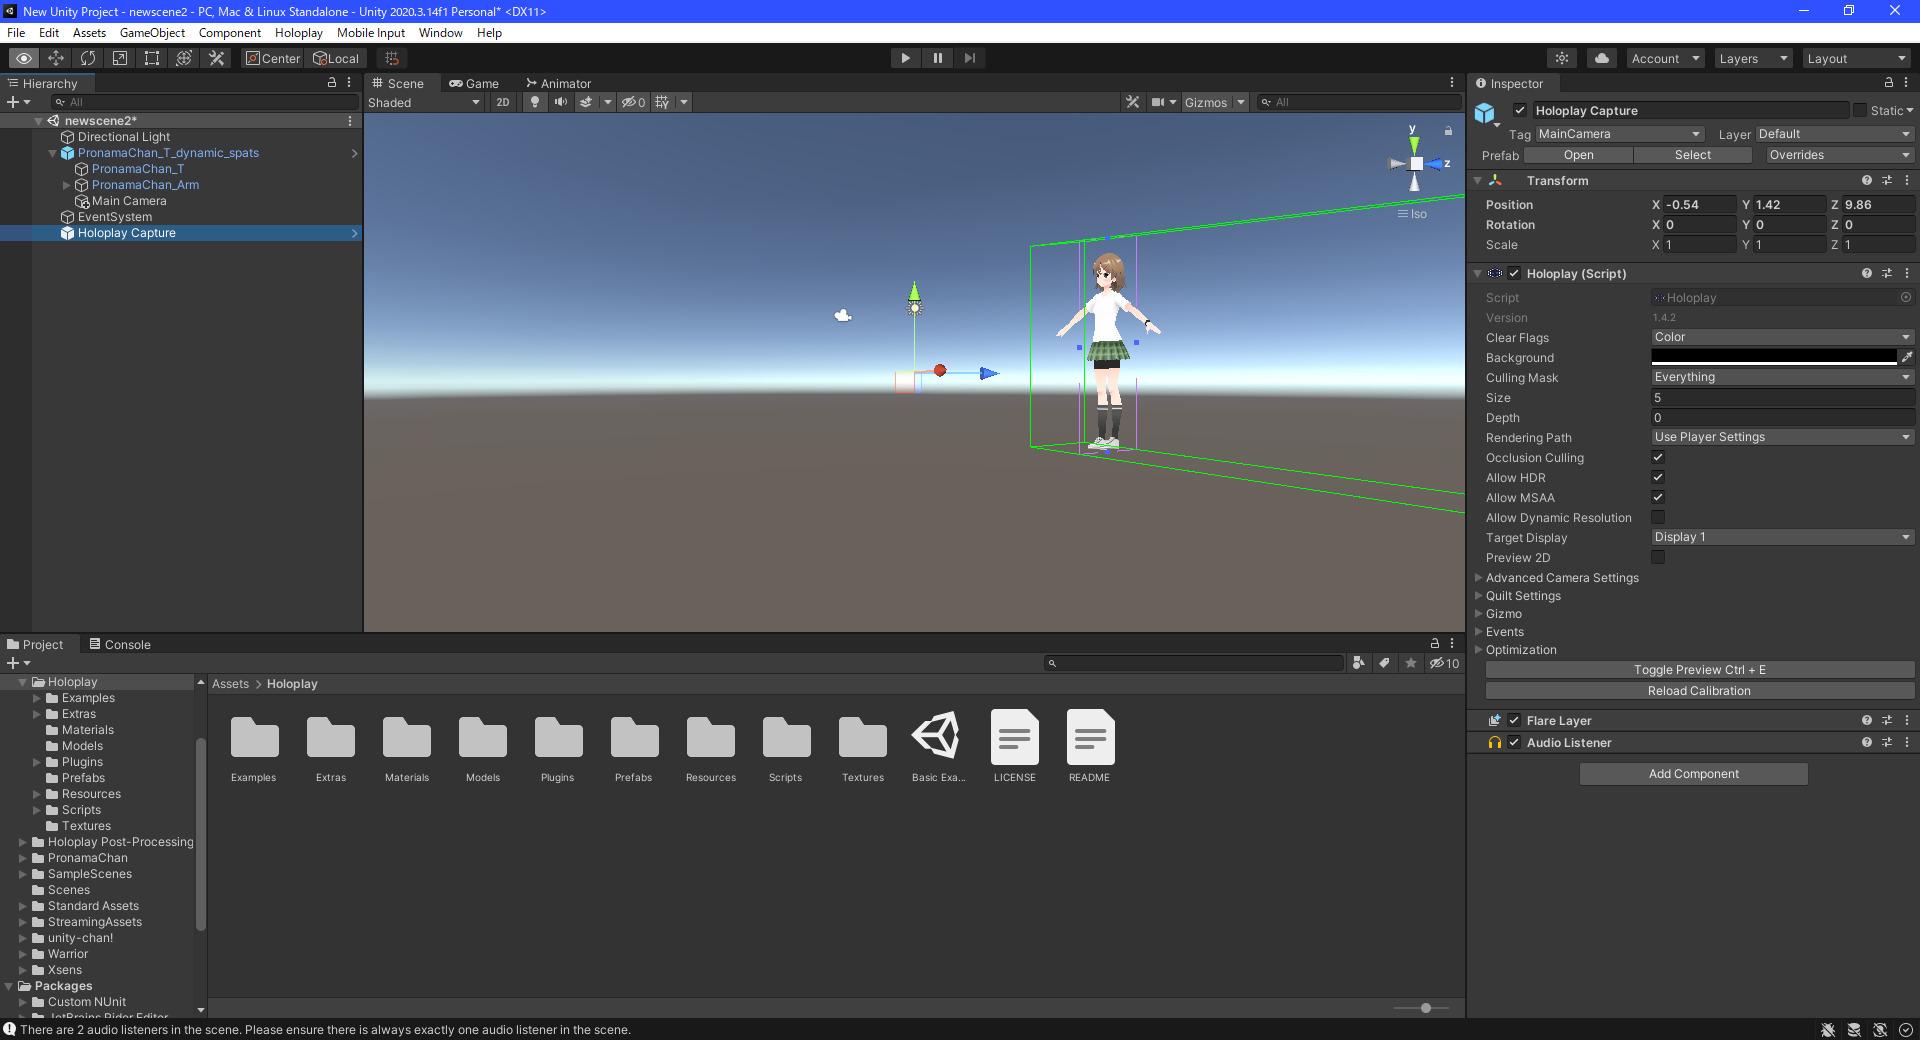 プラグインインポート後は「Holoplay Capture」が「Hierarchy」に追加できるようになる。これを通常のカメラと同じように調整する事で、「Looking Glass Portrait」上に3Dモデルが表示できるようになる。なお、こちらについても実際に実行ファイルを書き出して動作する事までは確認できたが、ここで作成した「Looking Glass Portrait」用の実行ファイルが他のPC環境の「Looking Glass Portrait」上で実行できるかは不明だ